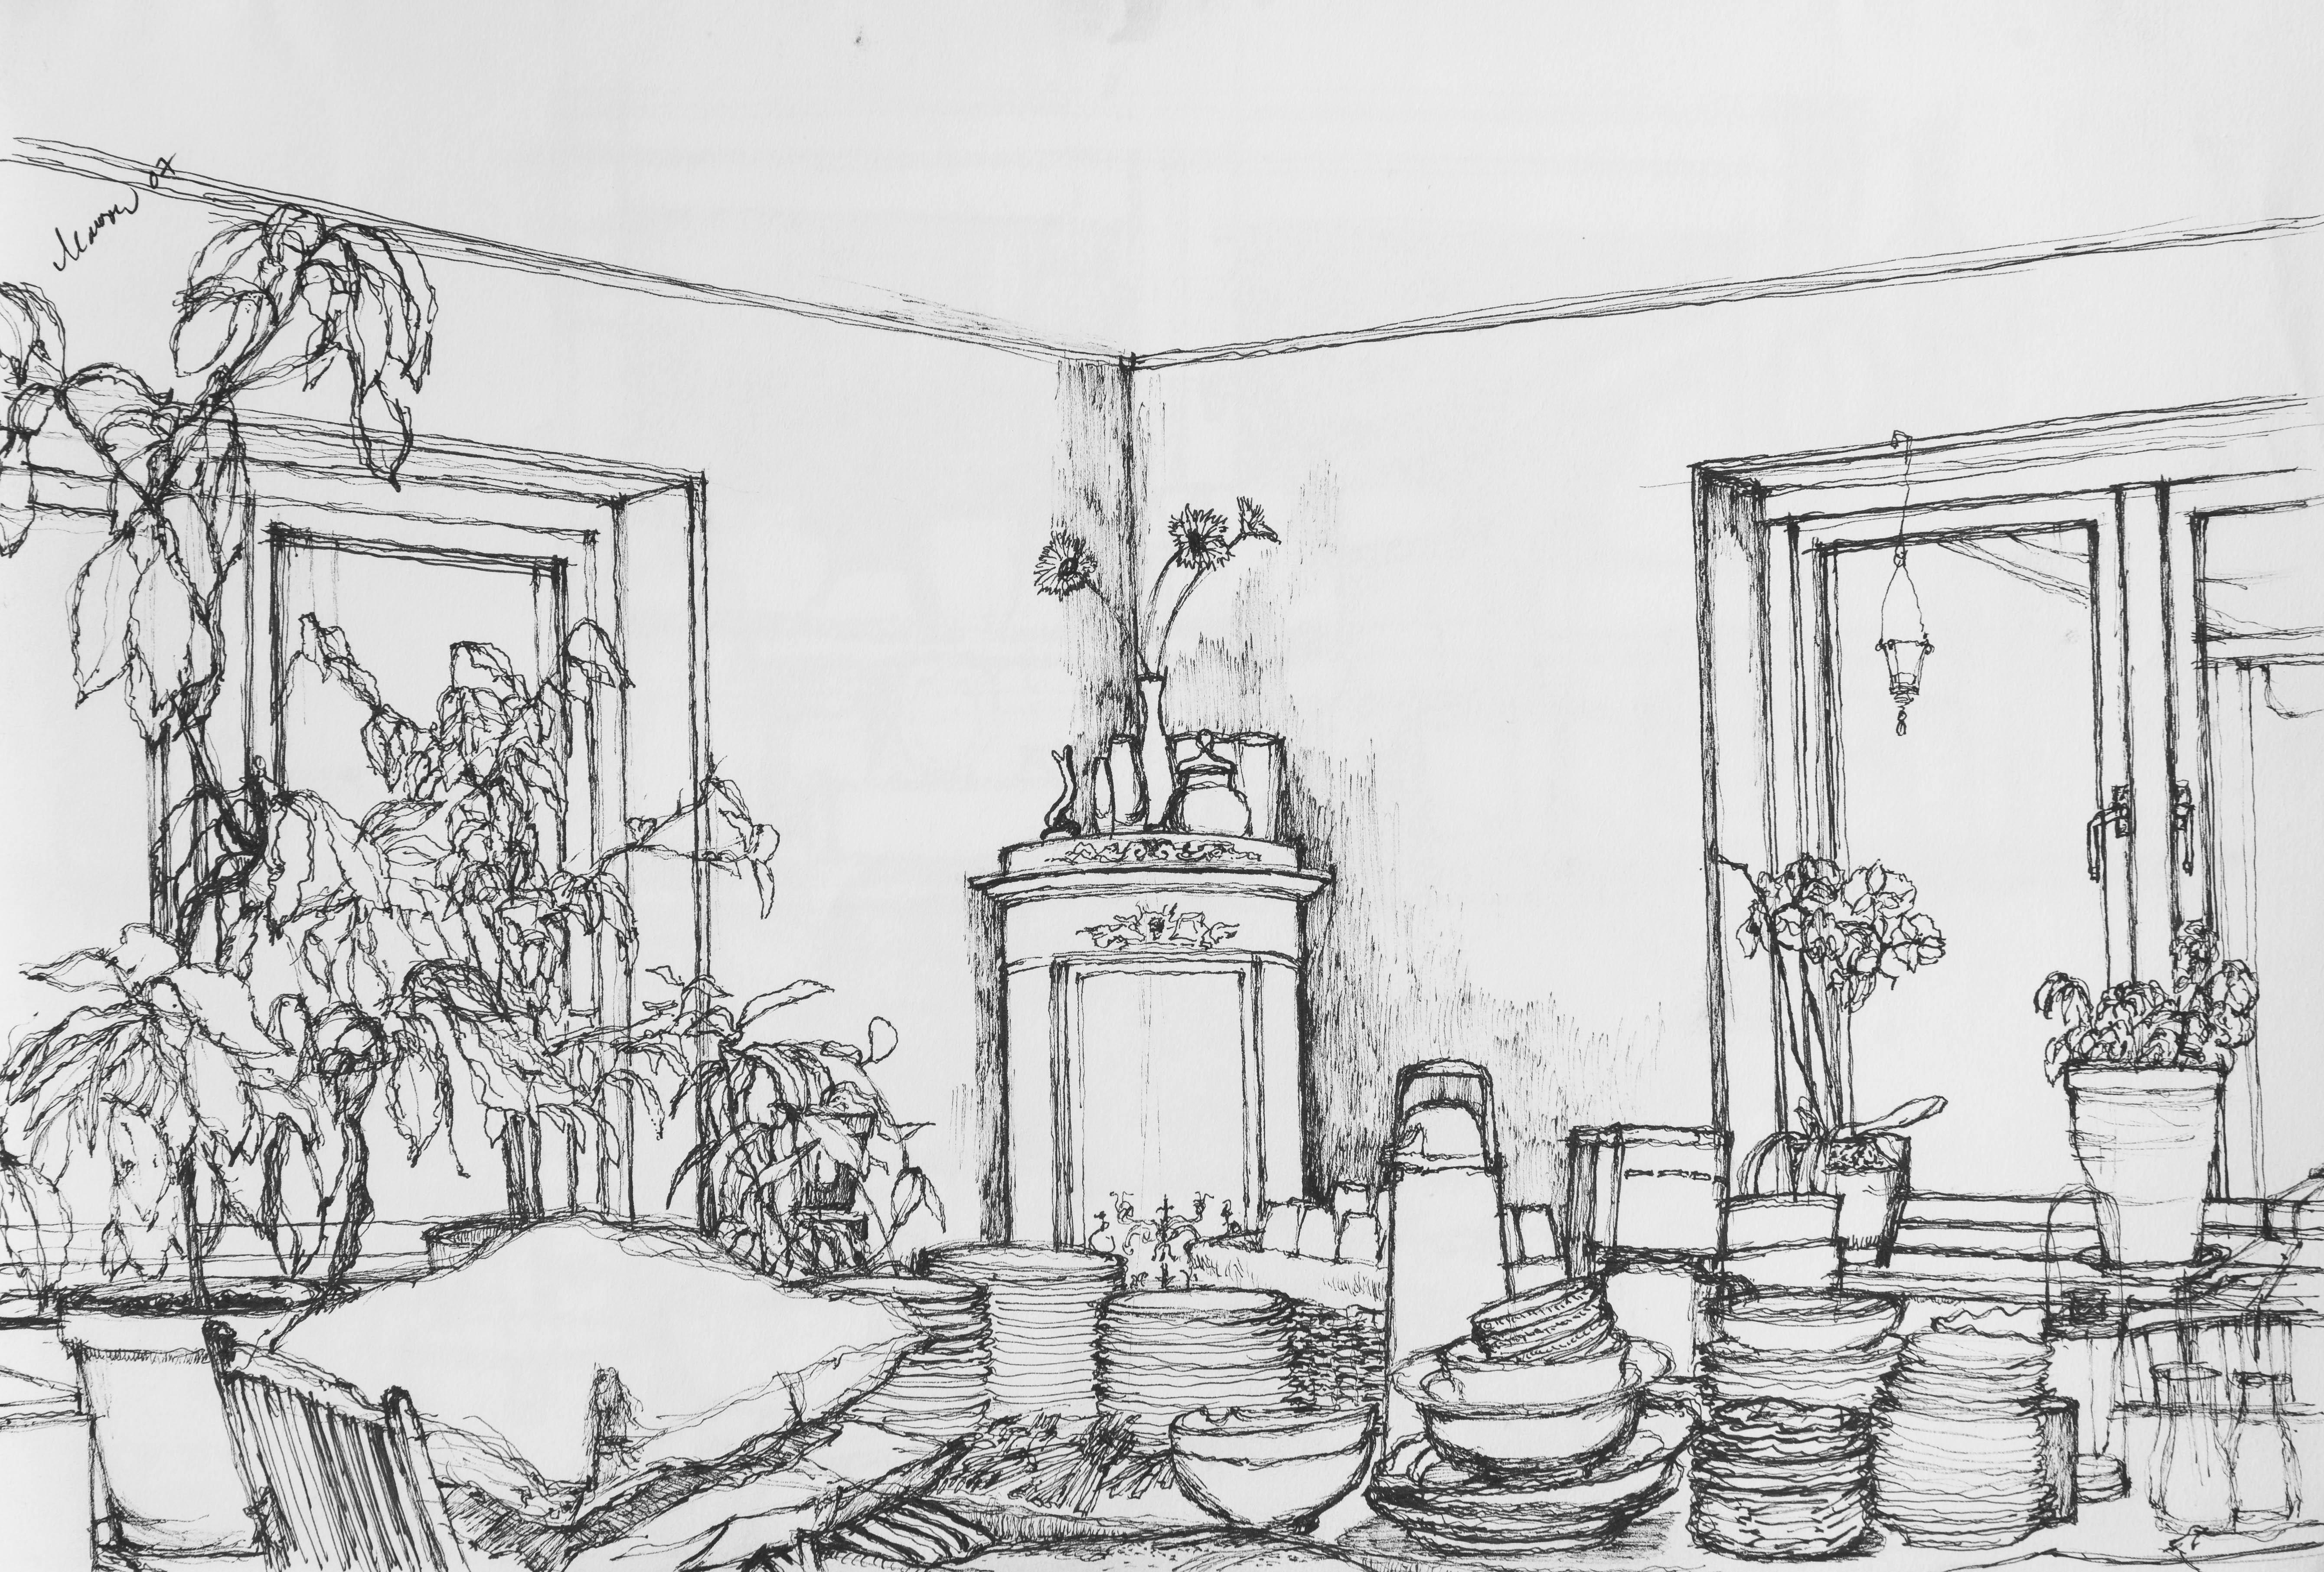 John Adam Barrow's drawing